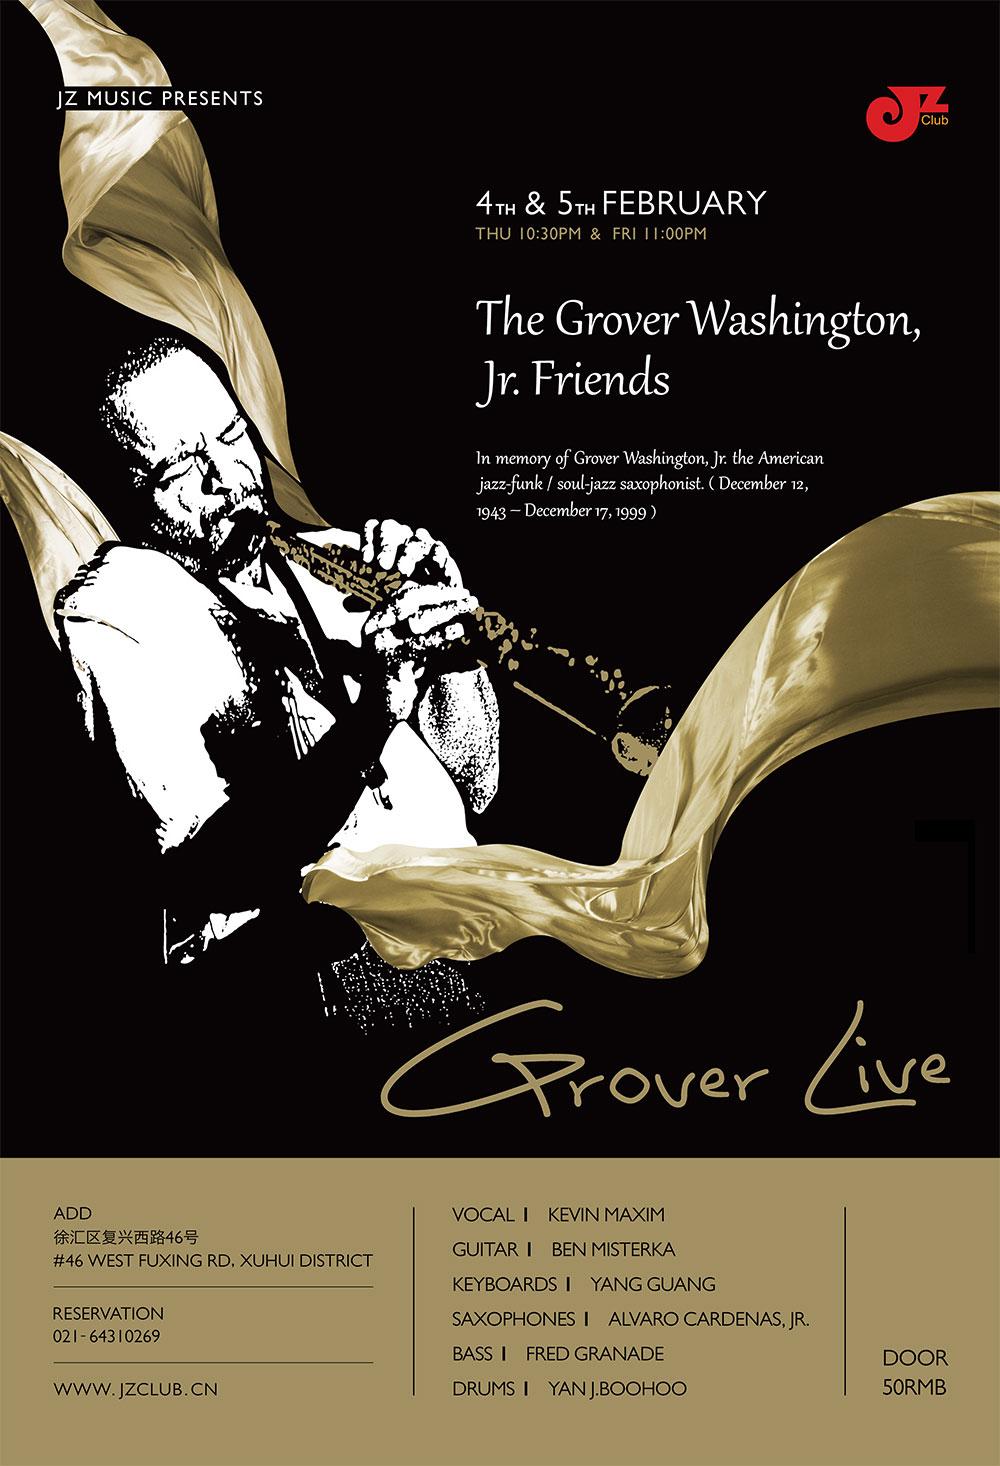 萨克斯风大师Grover Washington Jr 是第一位以流行手法结合节奏蓝调